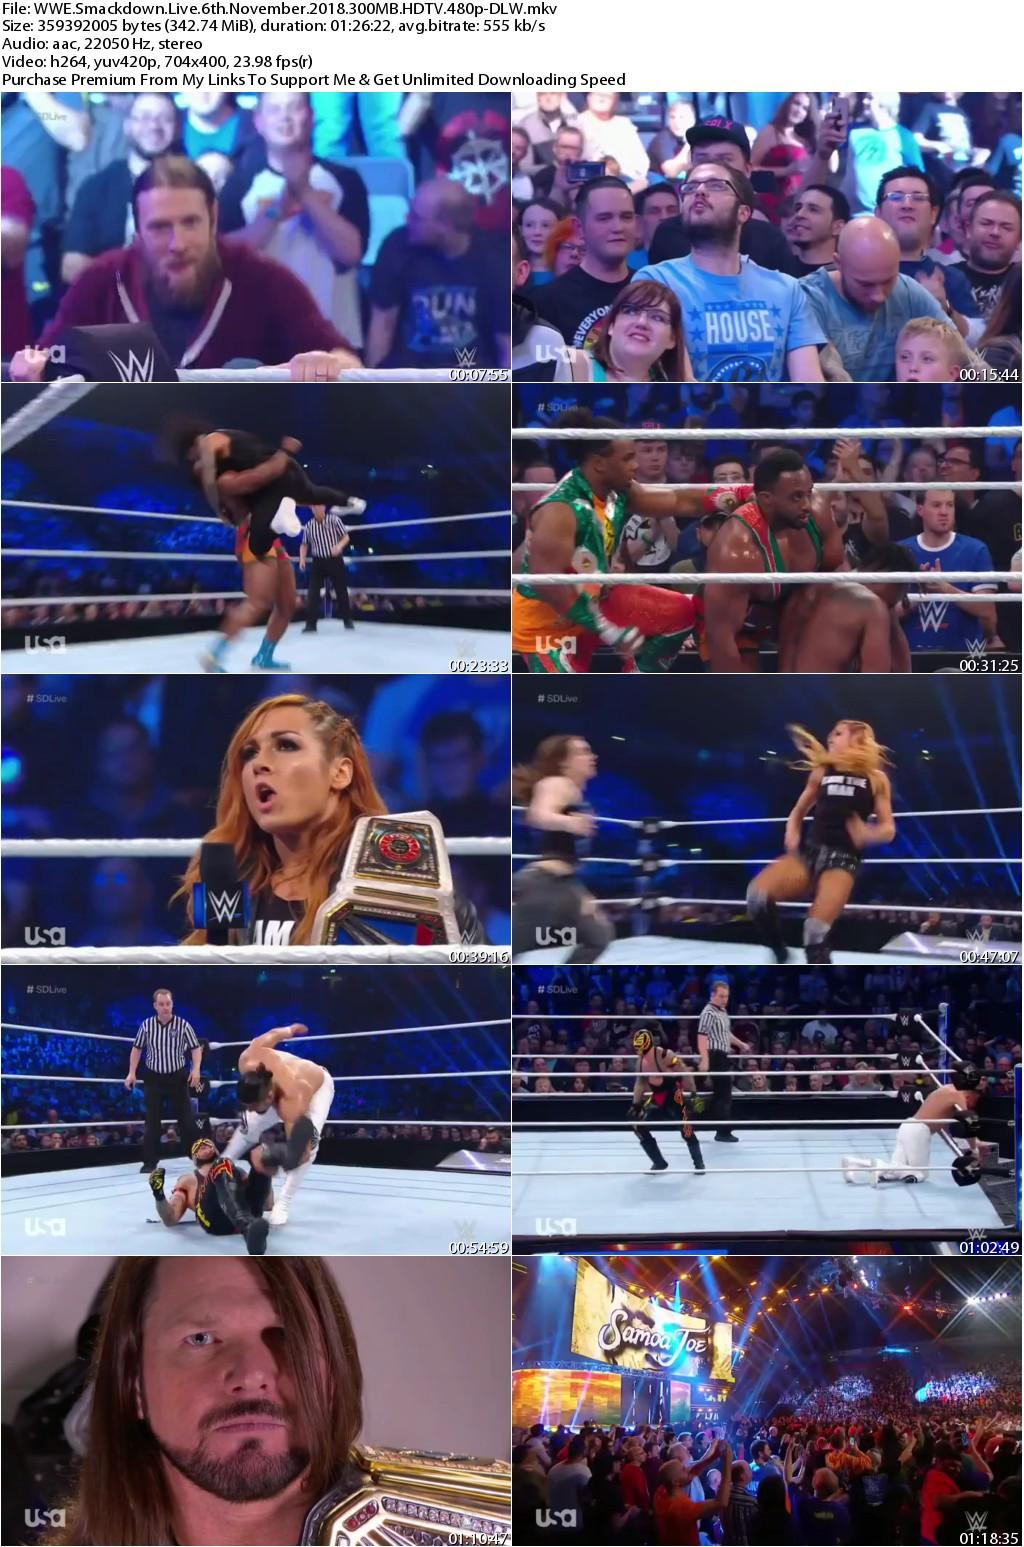 WWE Smackdown Live 6th November 2018 300MB HDTV 480p-DLW